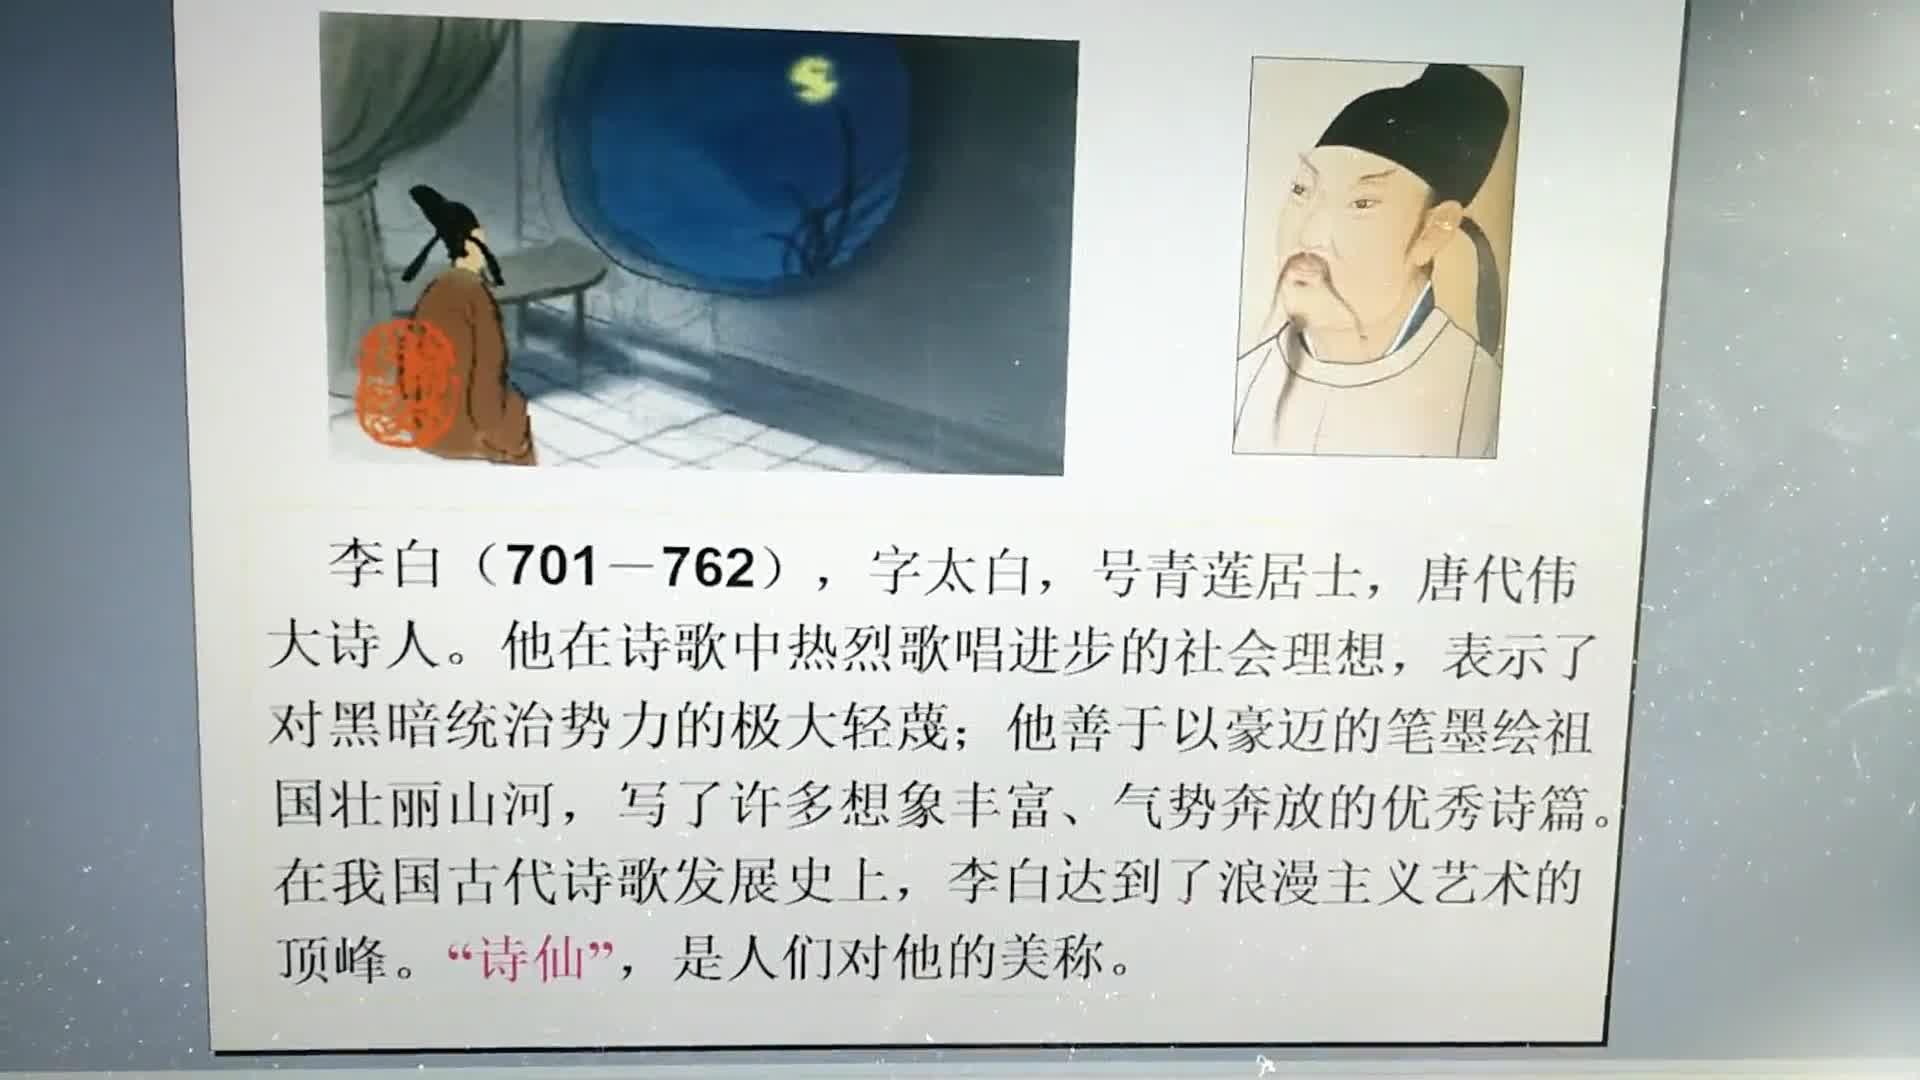 人教版 七年级历史 第七课 辉煌的隋唐文化-视频微课堂